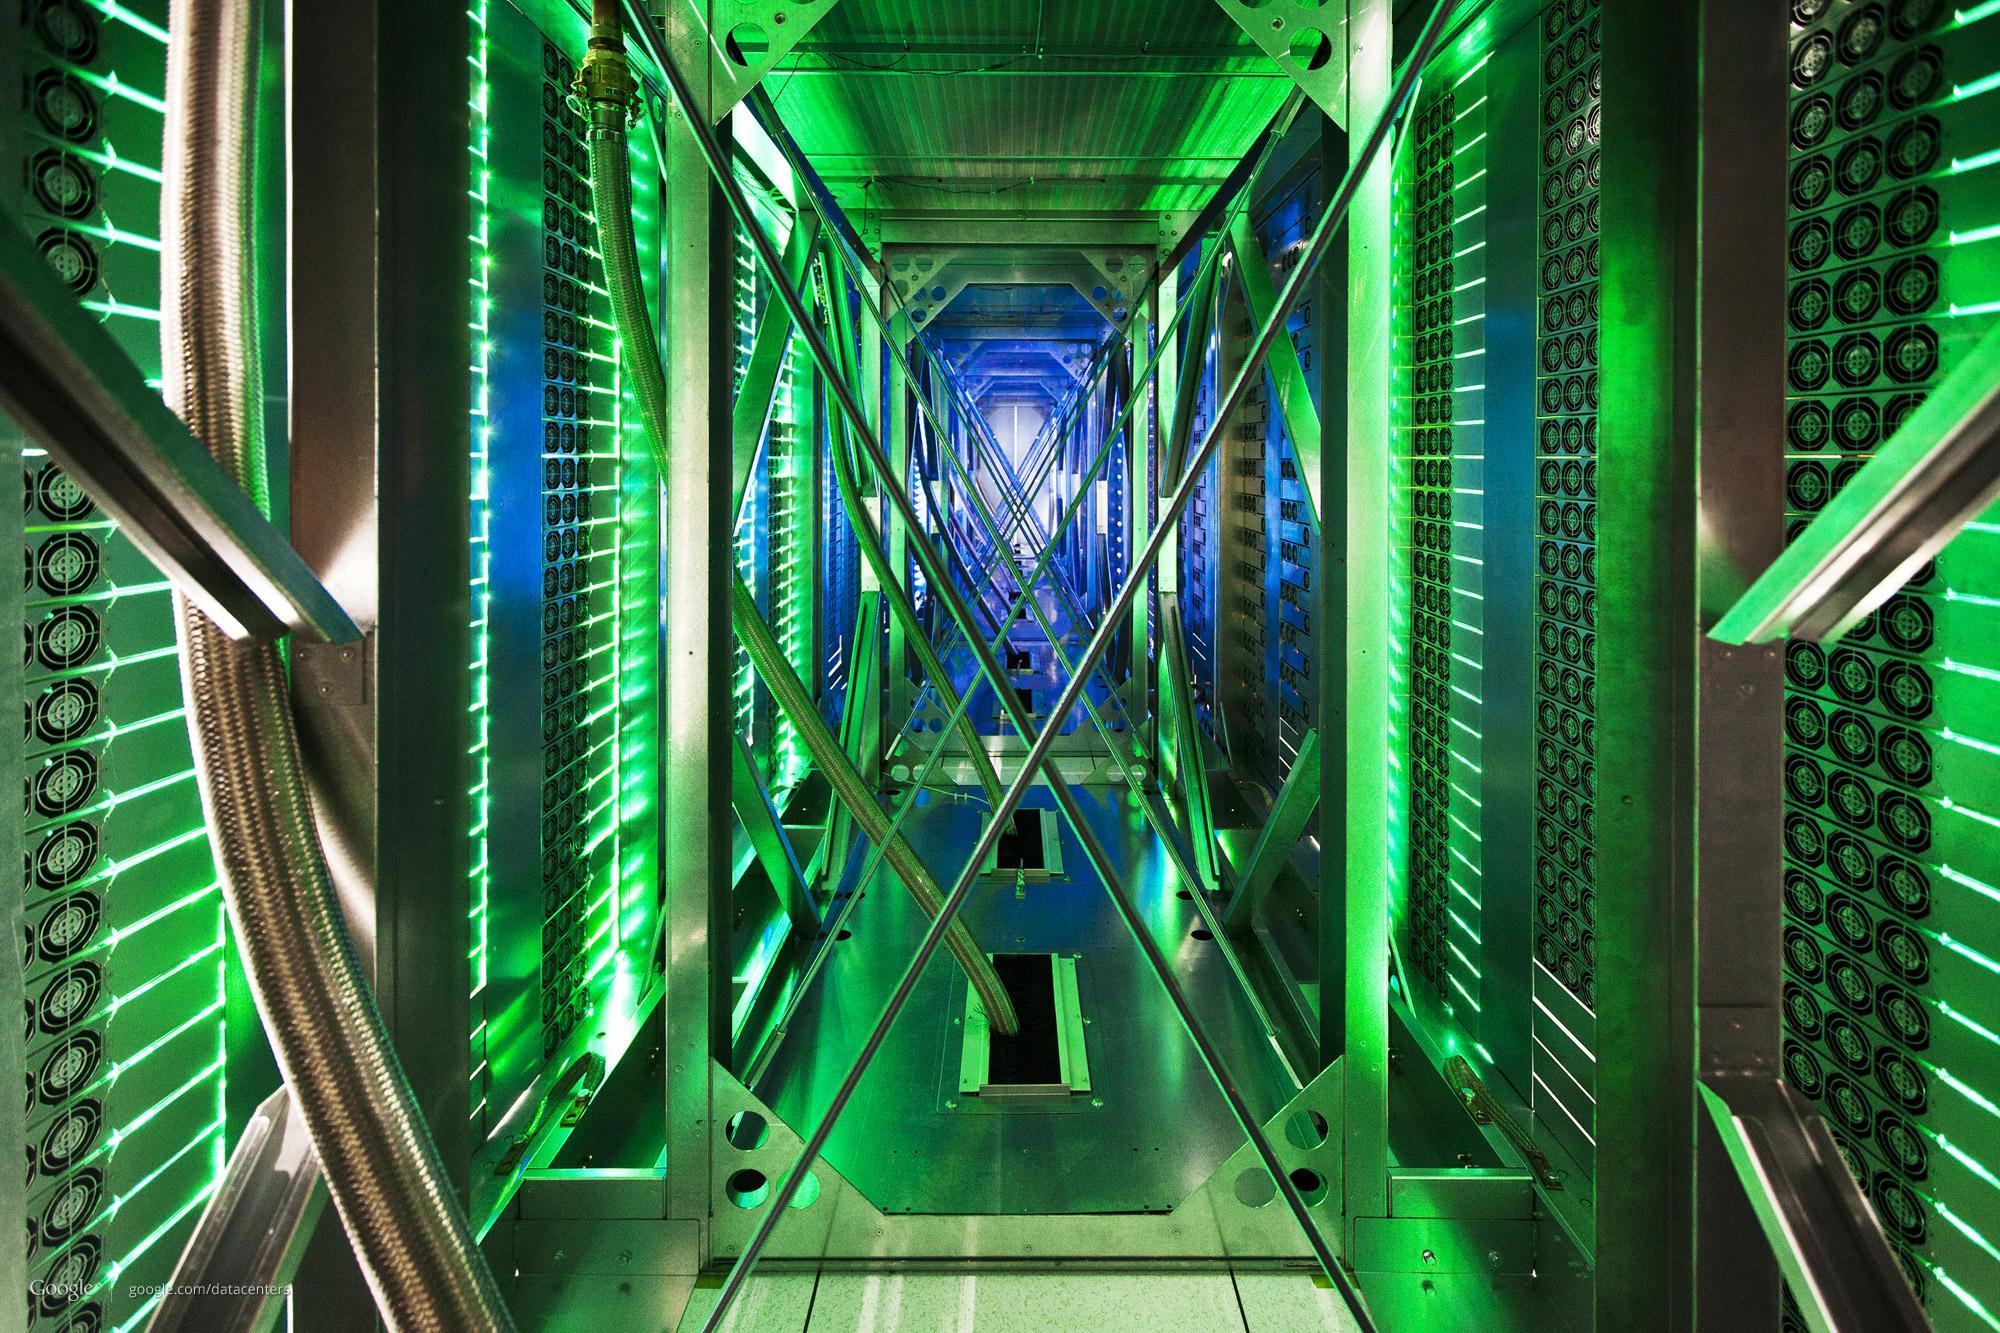 Slik ser det ut mellom to rekker med servere. Hundrevis av vifter trekker varm luft vekk.Foto: Google/Connie Zhou